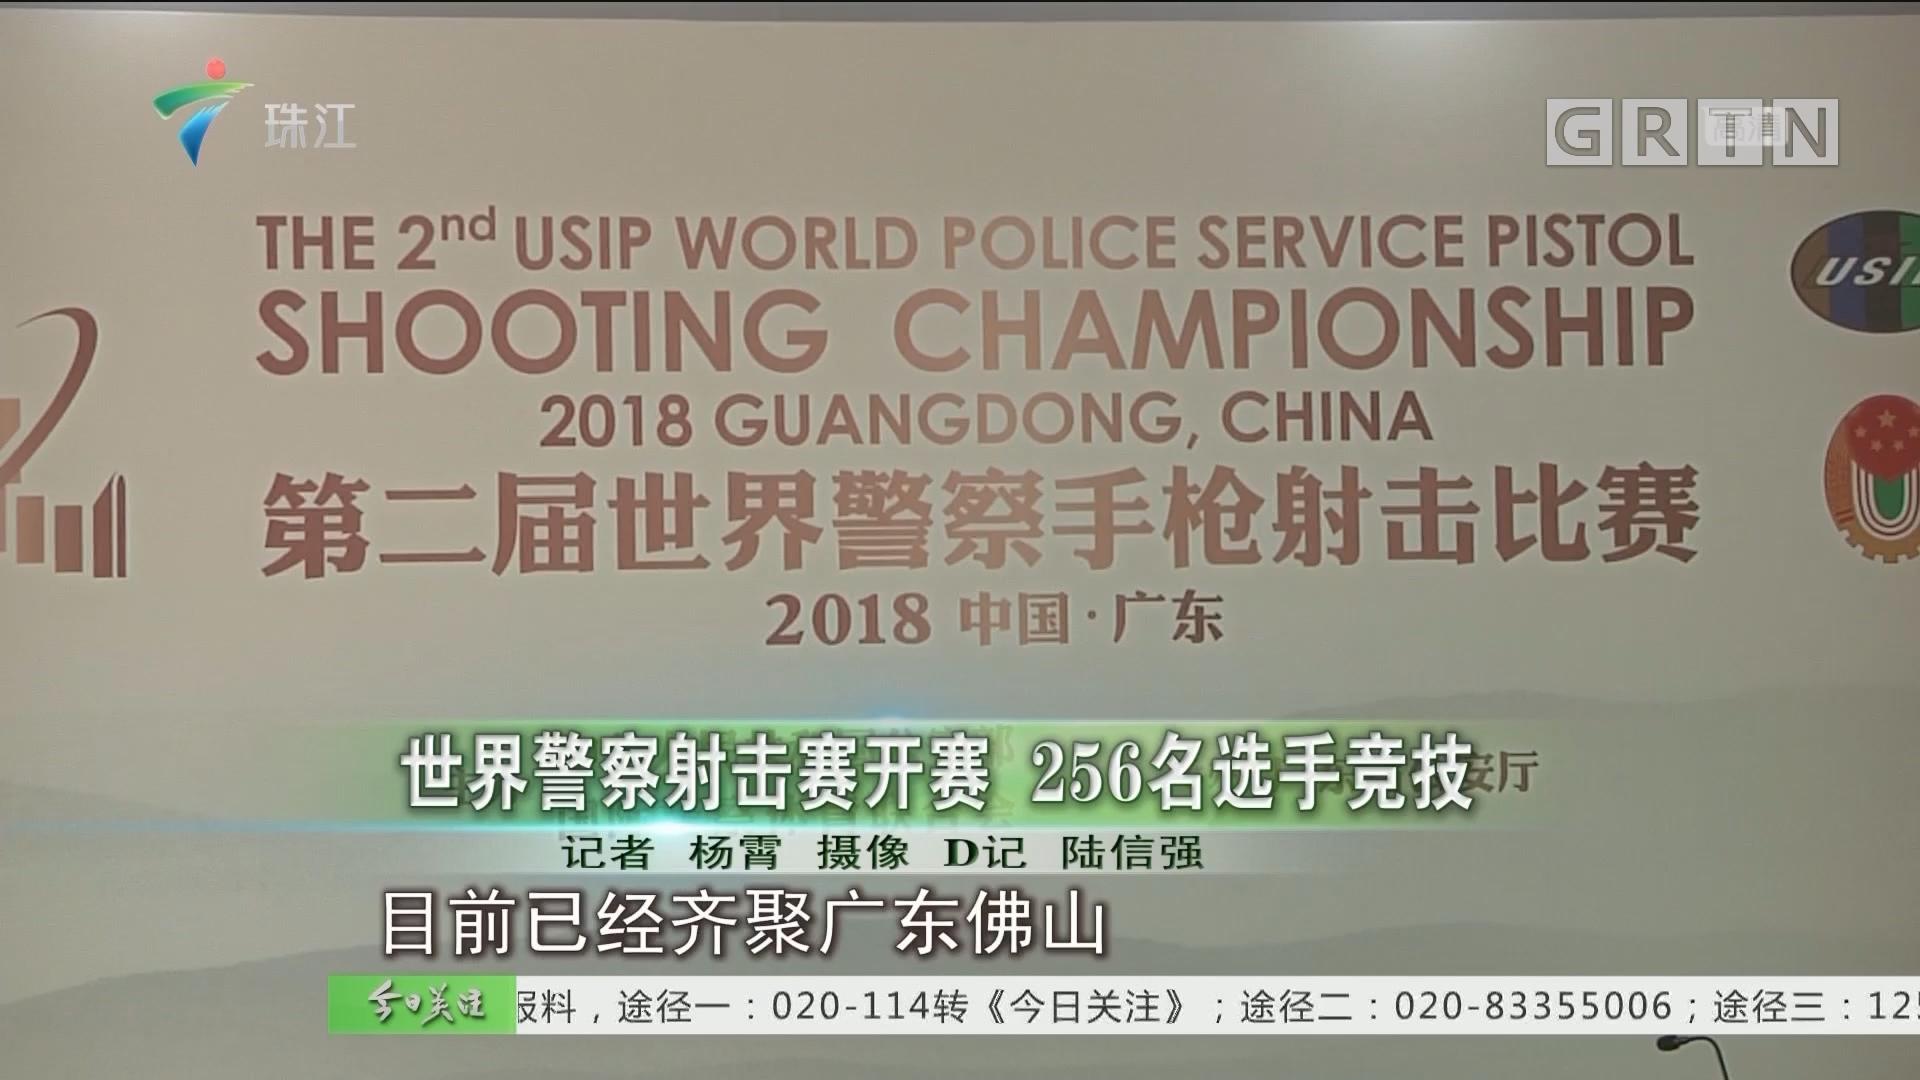 世界警察射击赛开赛 256名选手竞技